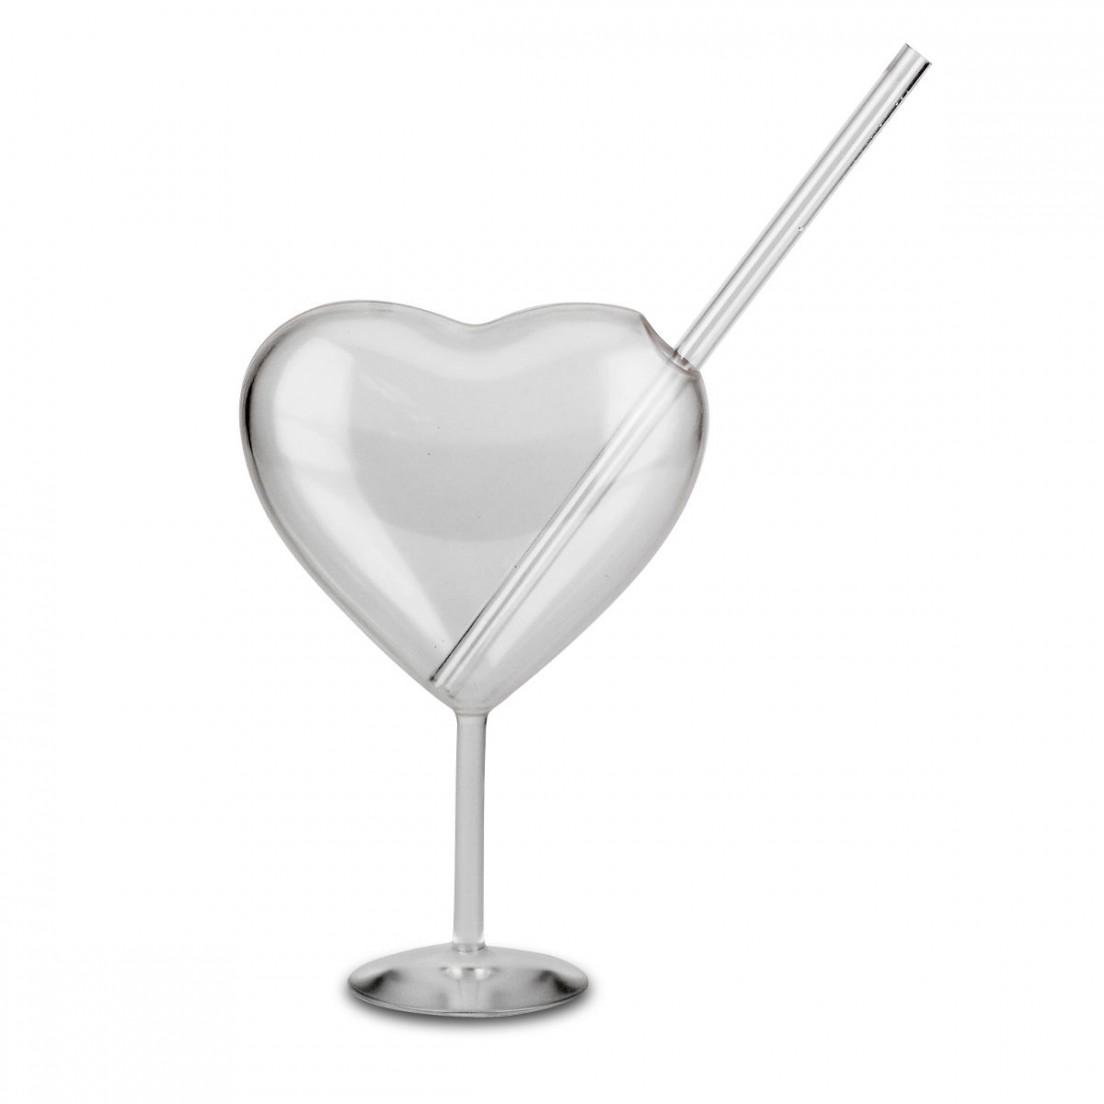 Herzilein Glas mit Strohhalm | Smyla.nl